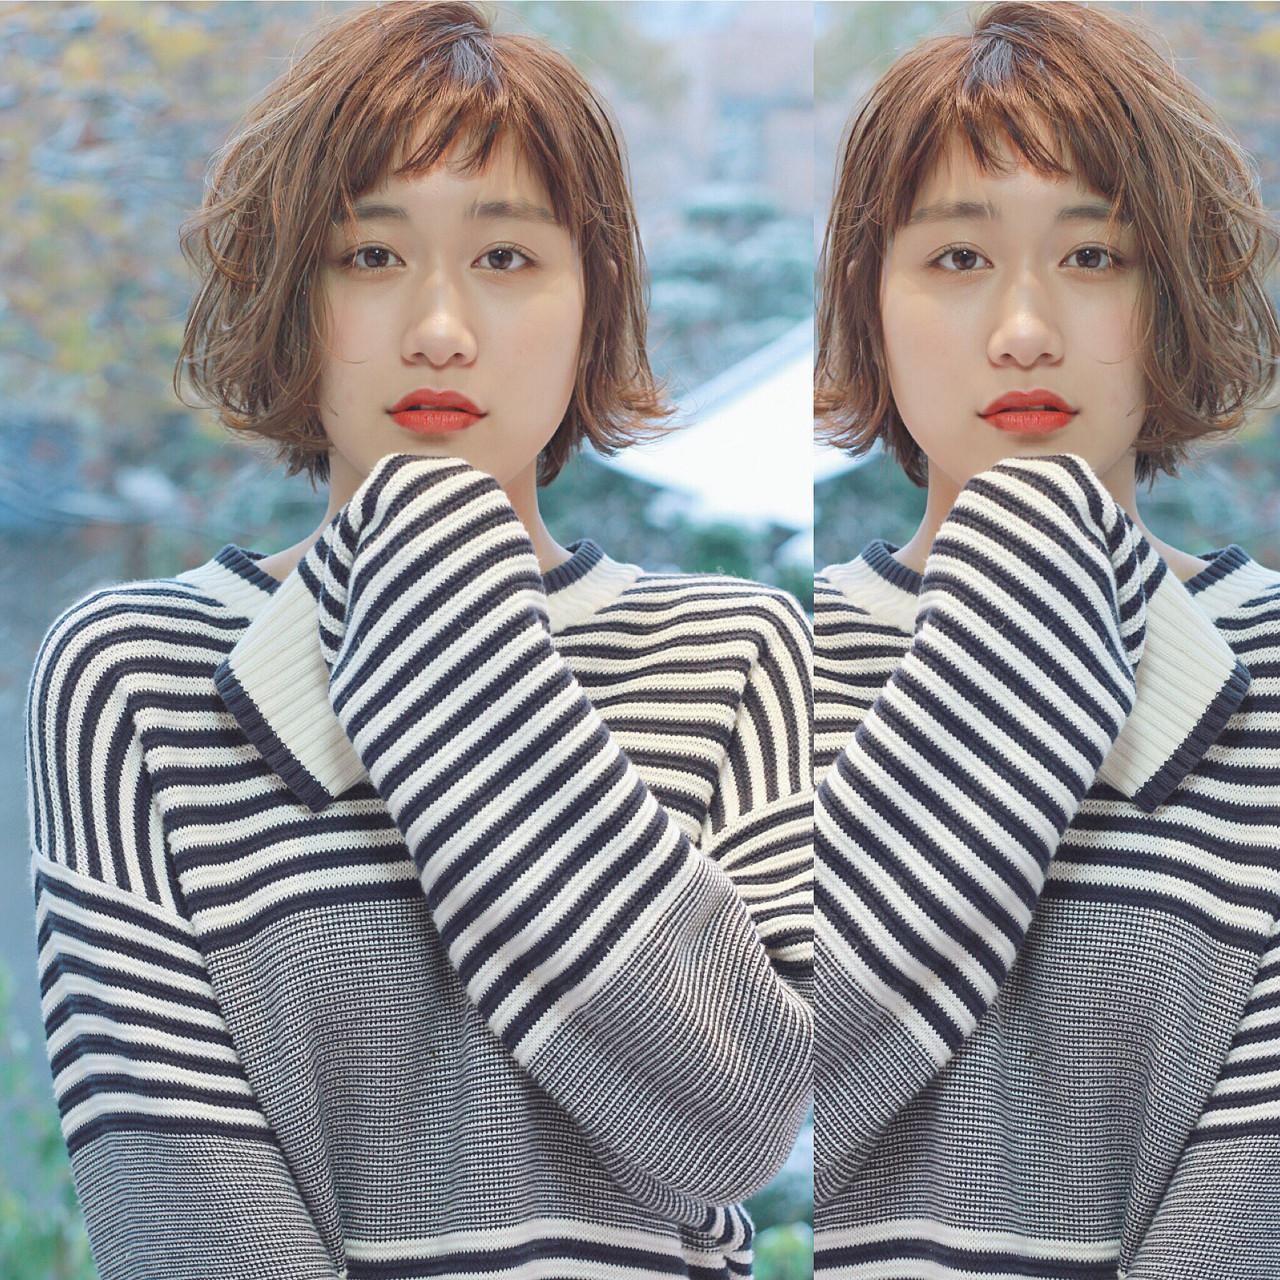 ウルフカット 外国人風 ガーリー イルミナカラー ヘアスタイルや髪型の写真・画像 | 須賀 ユウスケ / Rizm